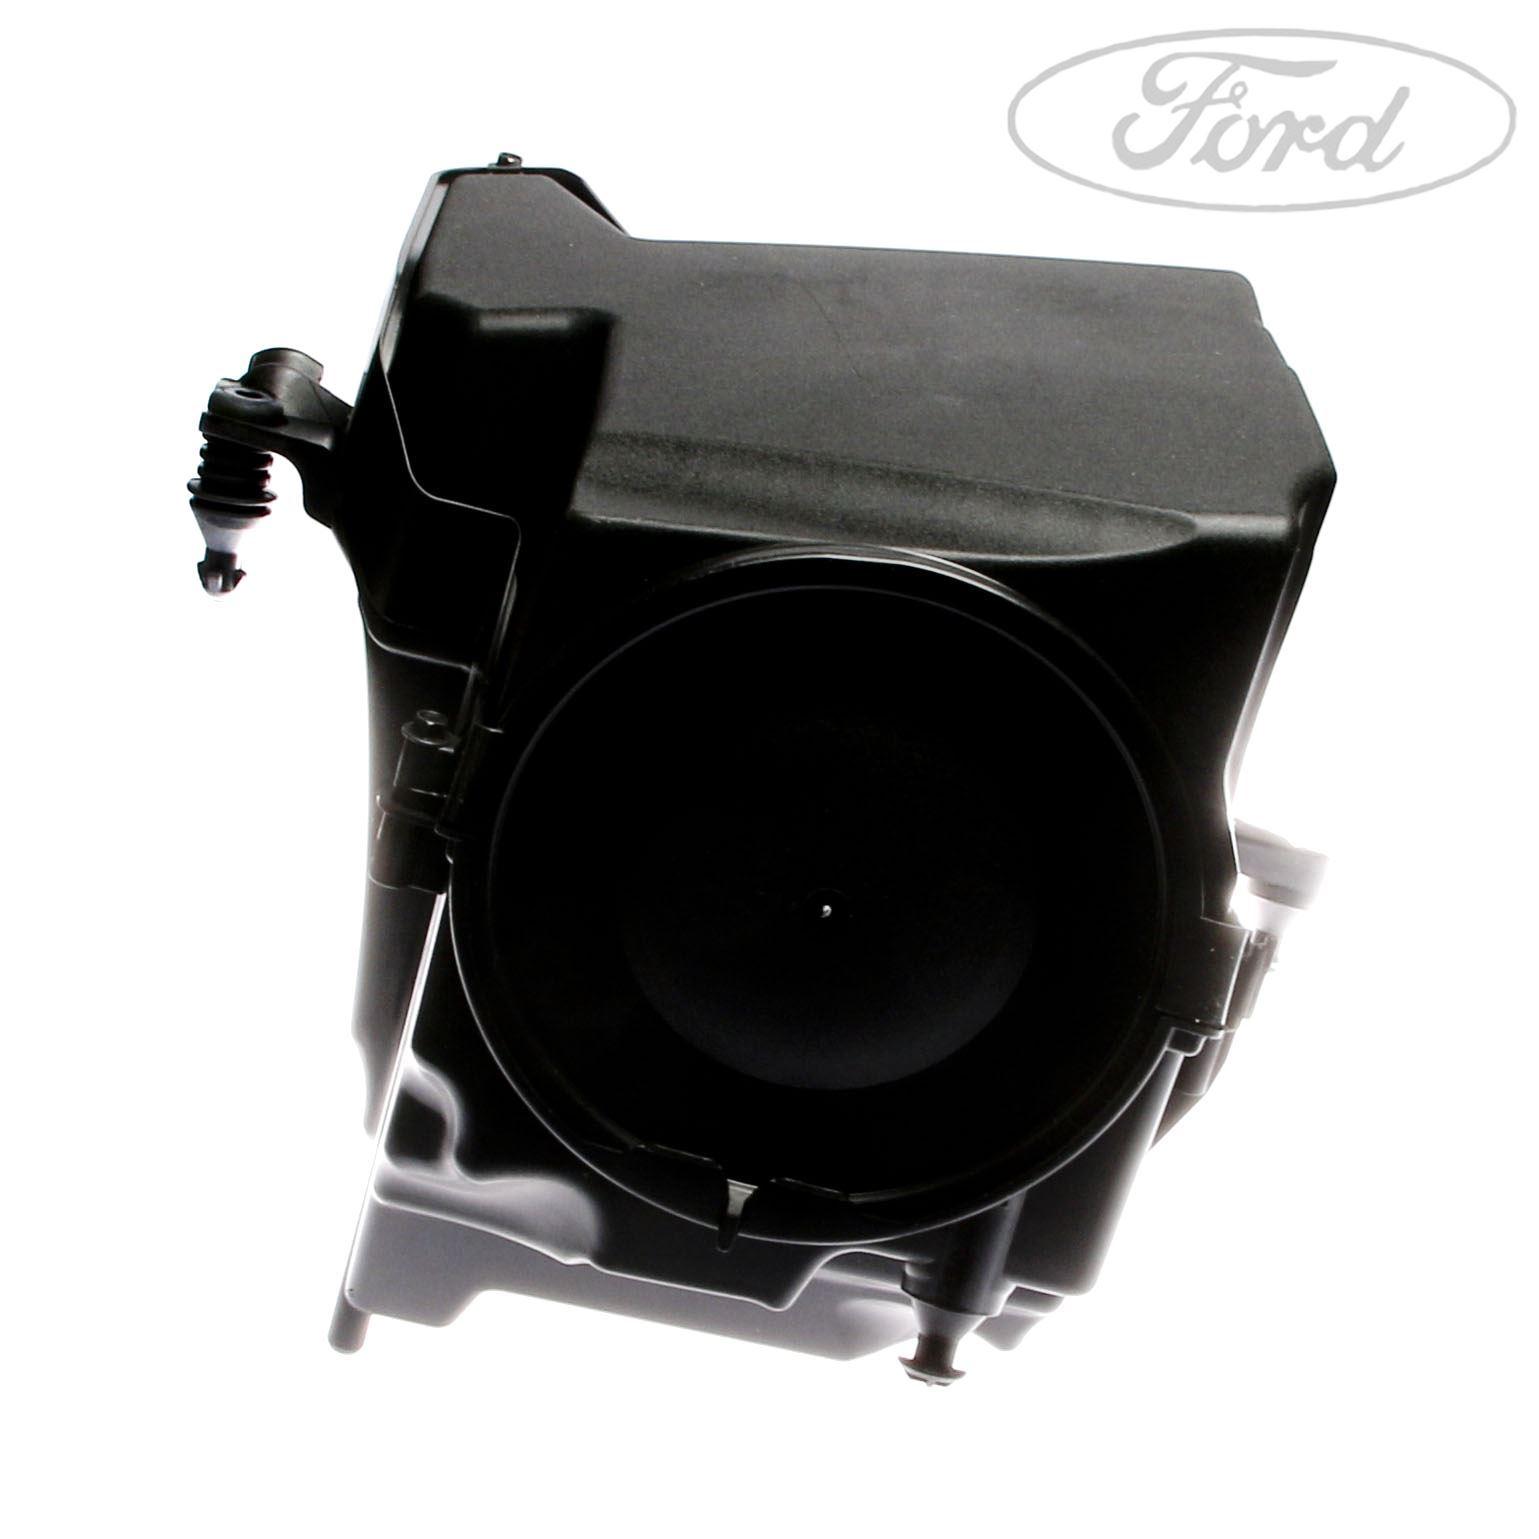 Ford Focus airbox AV61-9600-BF 2011-2014 1.0 ecoboost 1862721